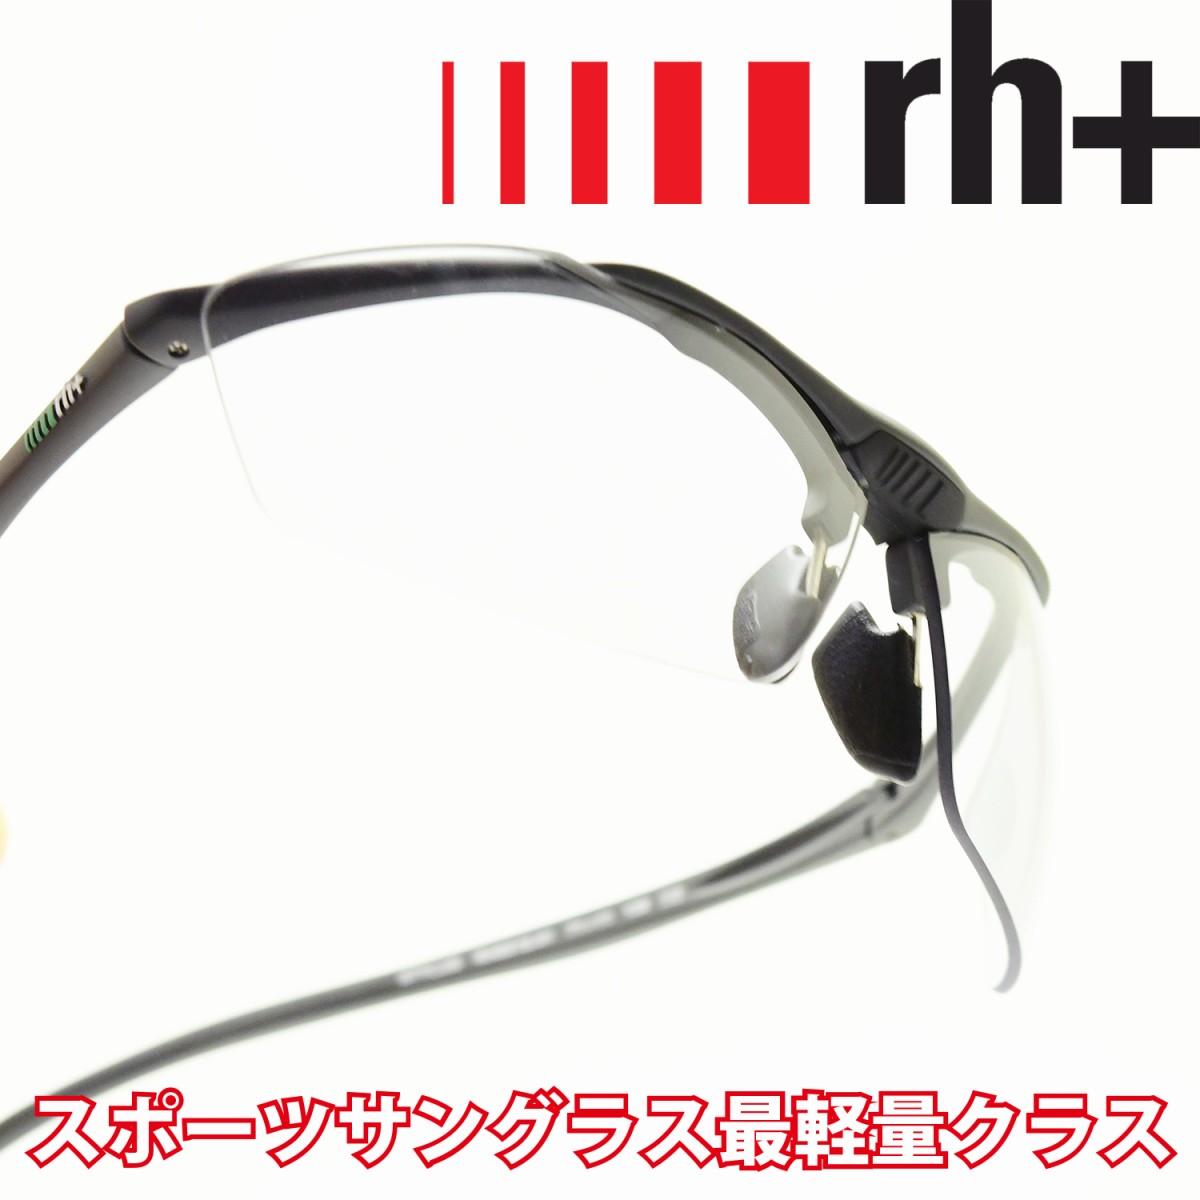 ZEROrh+ ゼロアールエイチプラスSTYLUS スティルス RH851S61 NXT SOFTメガネ 眼鏡 めがね メンズ レディース おしゃれ ブランド 人気 おすすめ フレーム 流行り 度付き レンズ サングラス スポーツ 調光